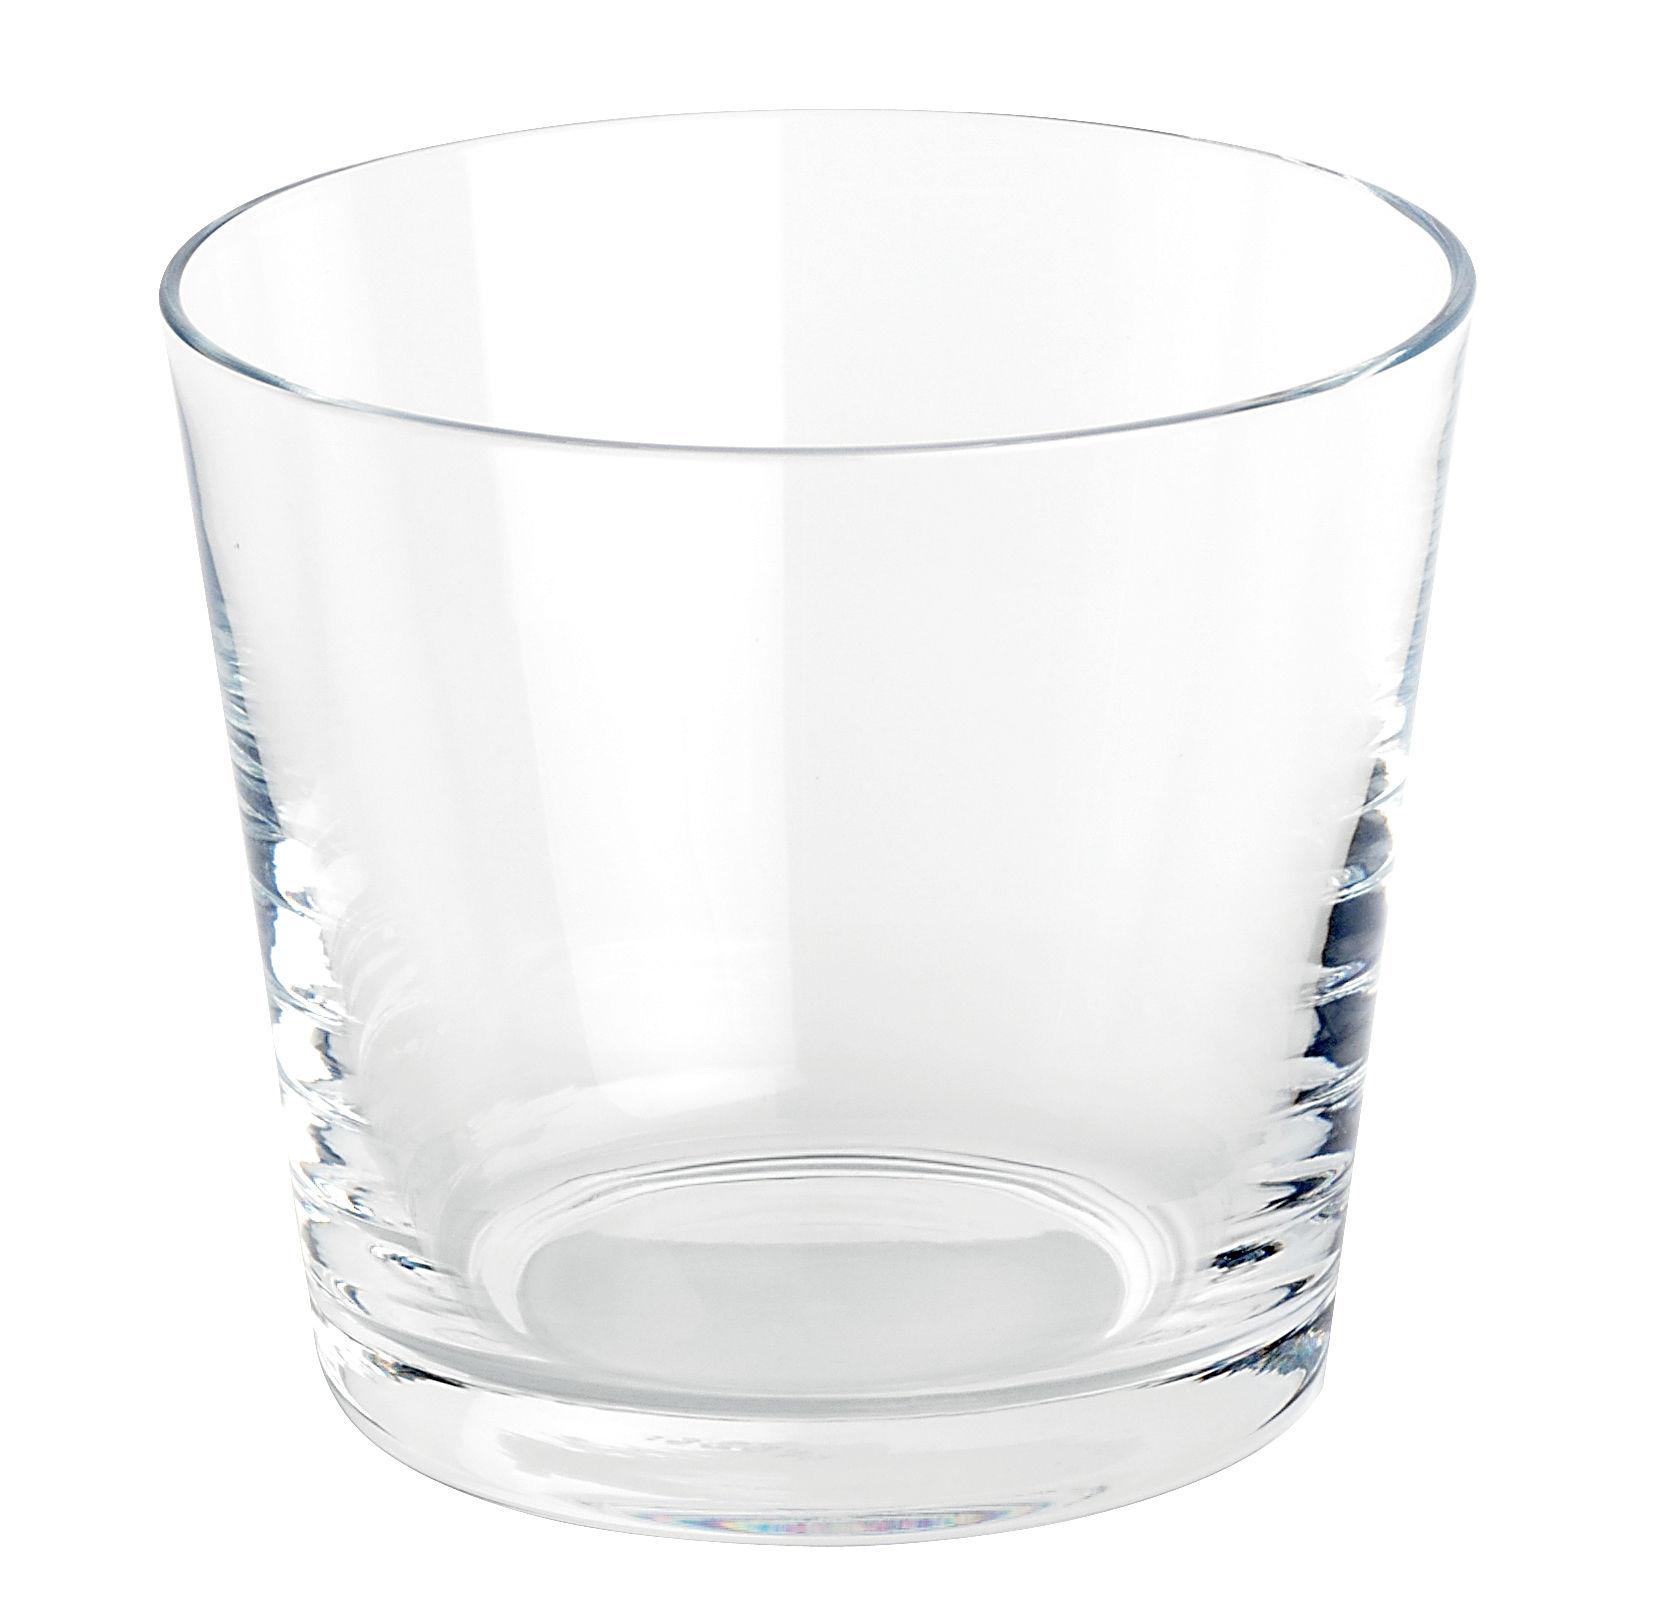 Verre eau tonale transparent alessi - Verre a eau design ...